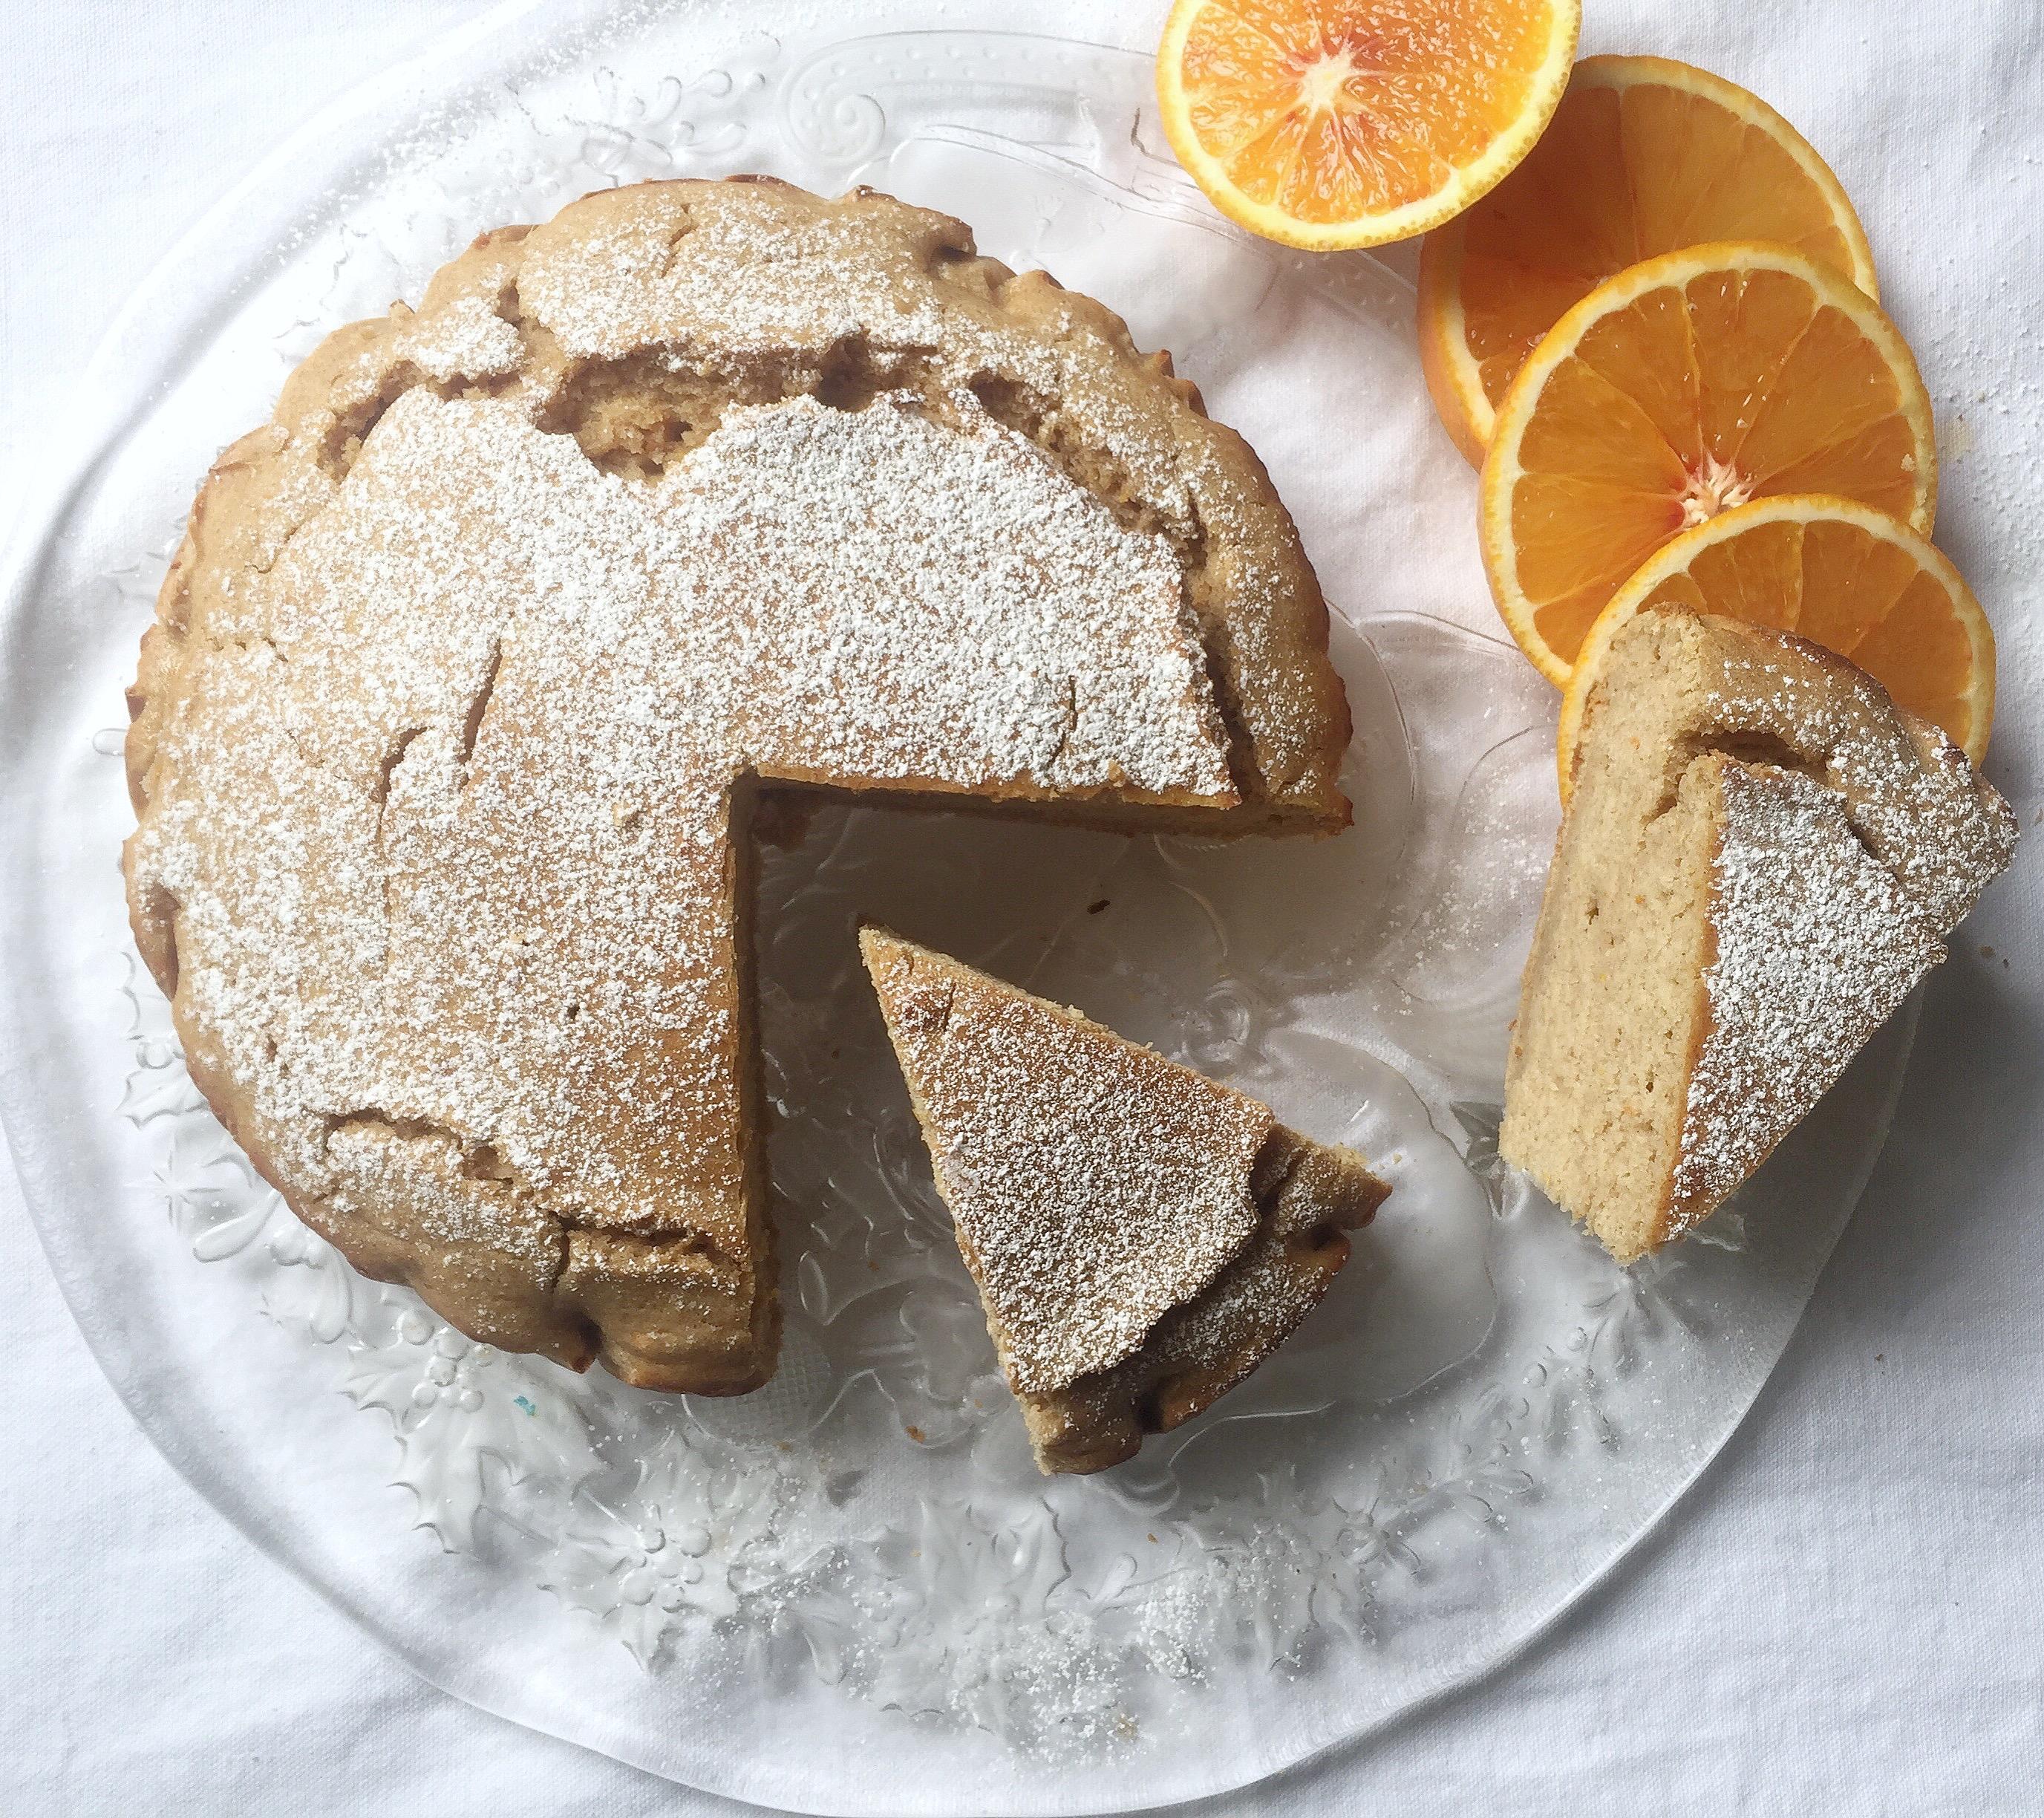 Torta Ricotta e Arancia Senza Uova e Burro, un dolce light e senza grassi di dolci senza burro